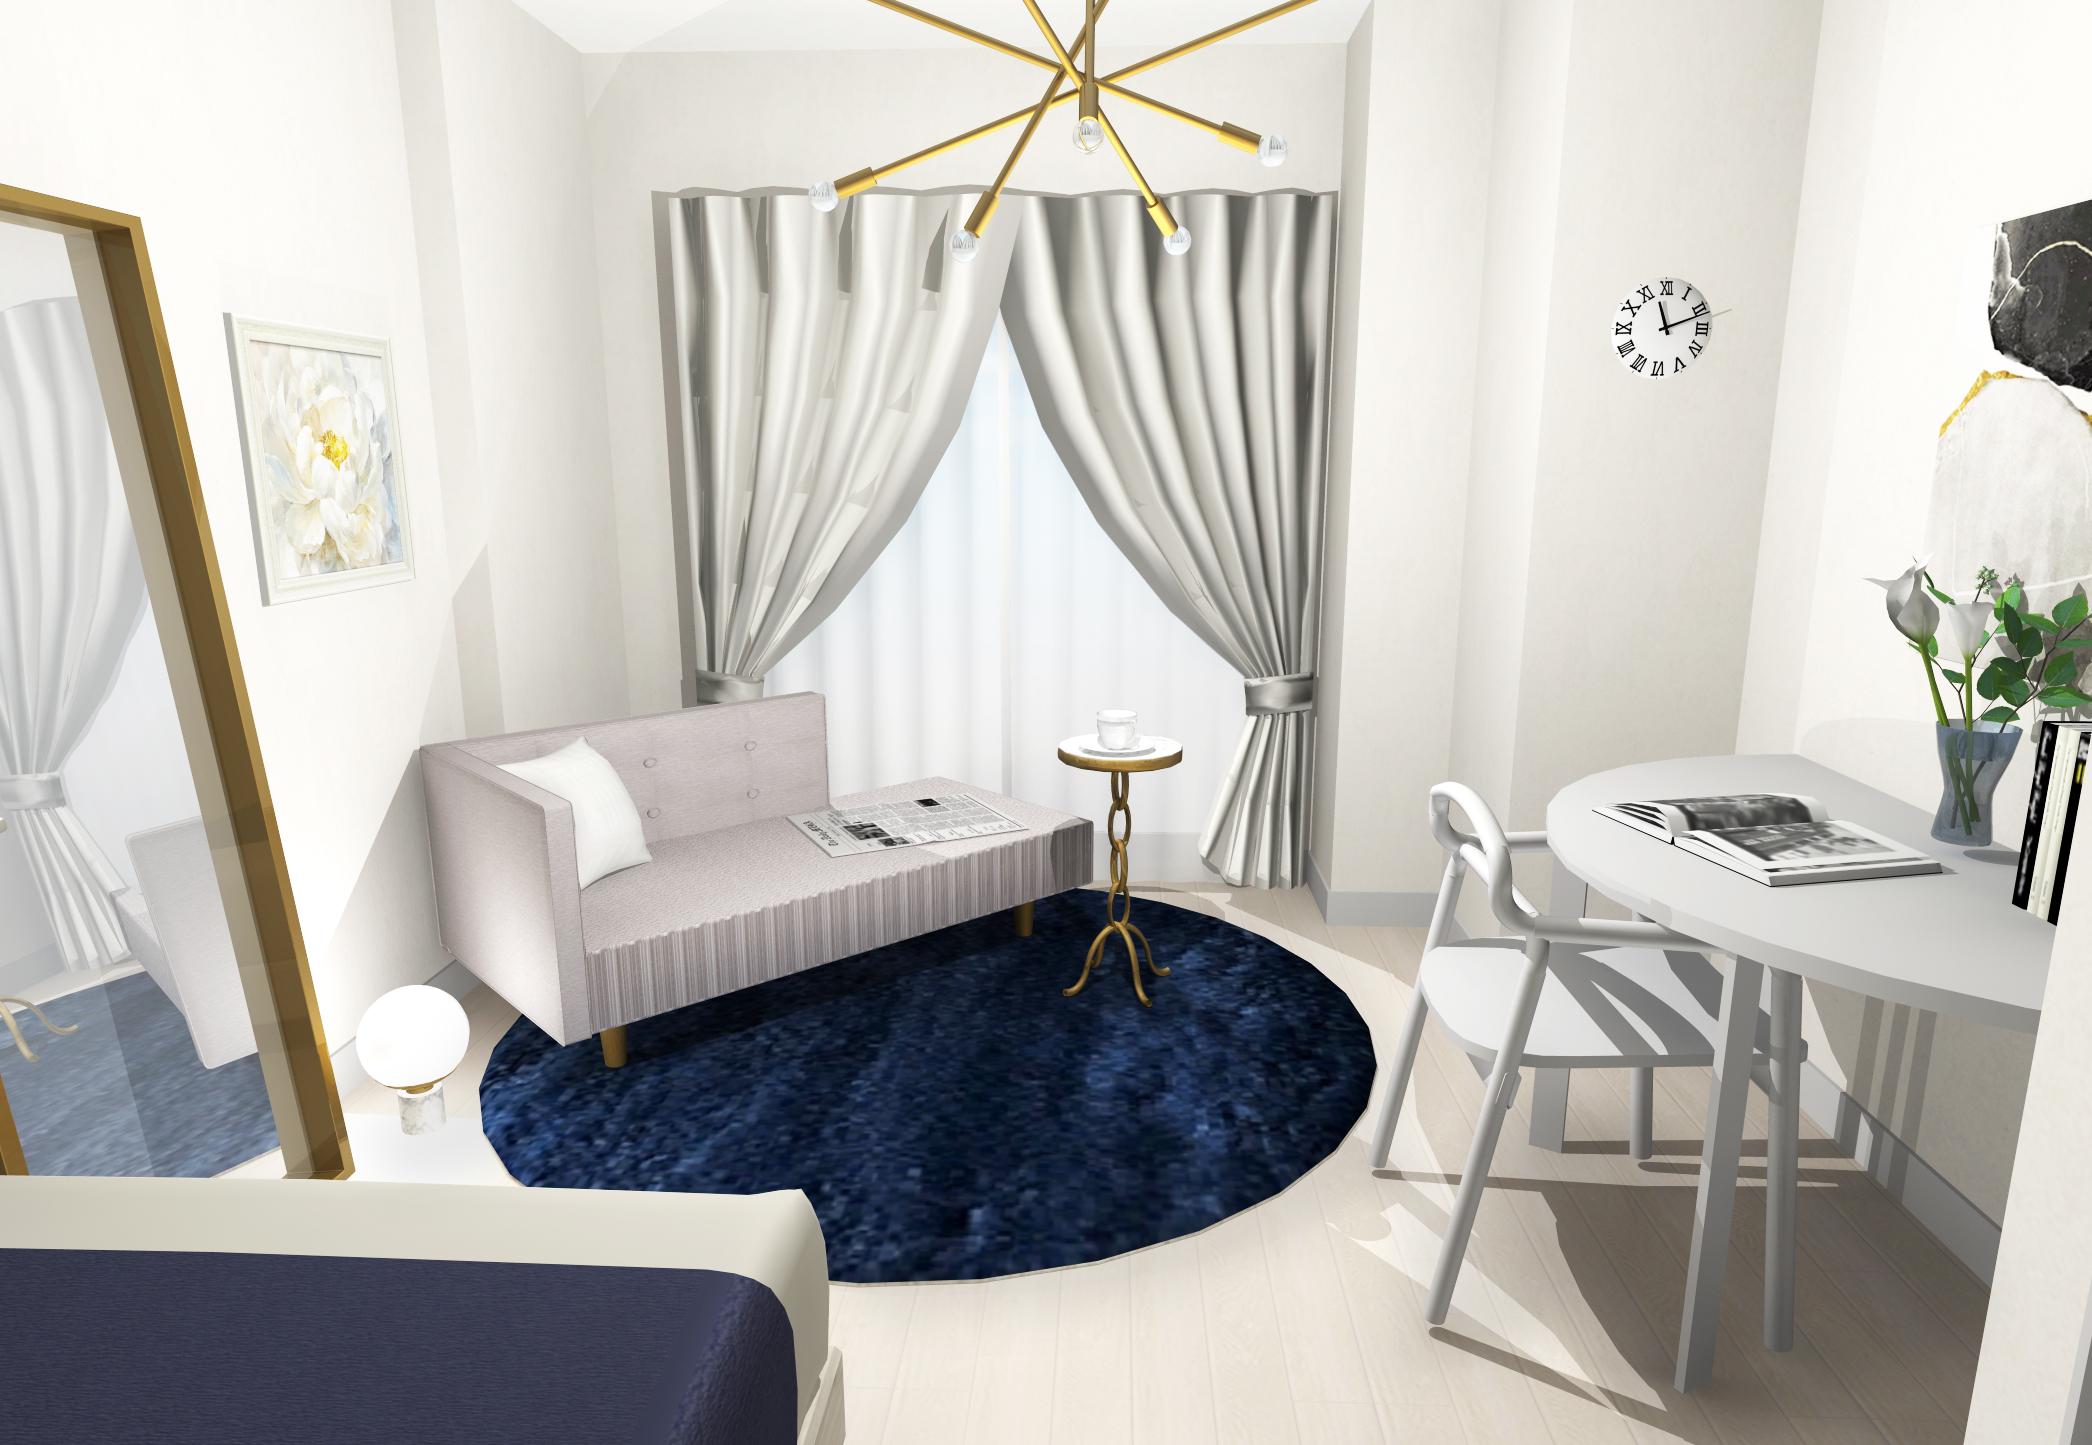 ホワイト×ブルー×ゴールドで魅せる、ラグジュアリーなホテルライクインテリア